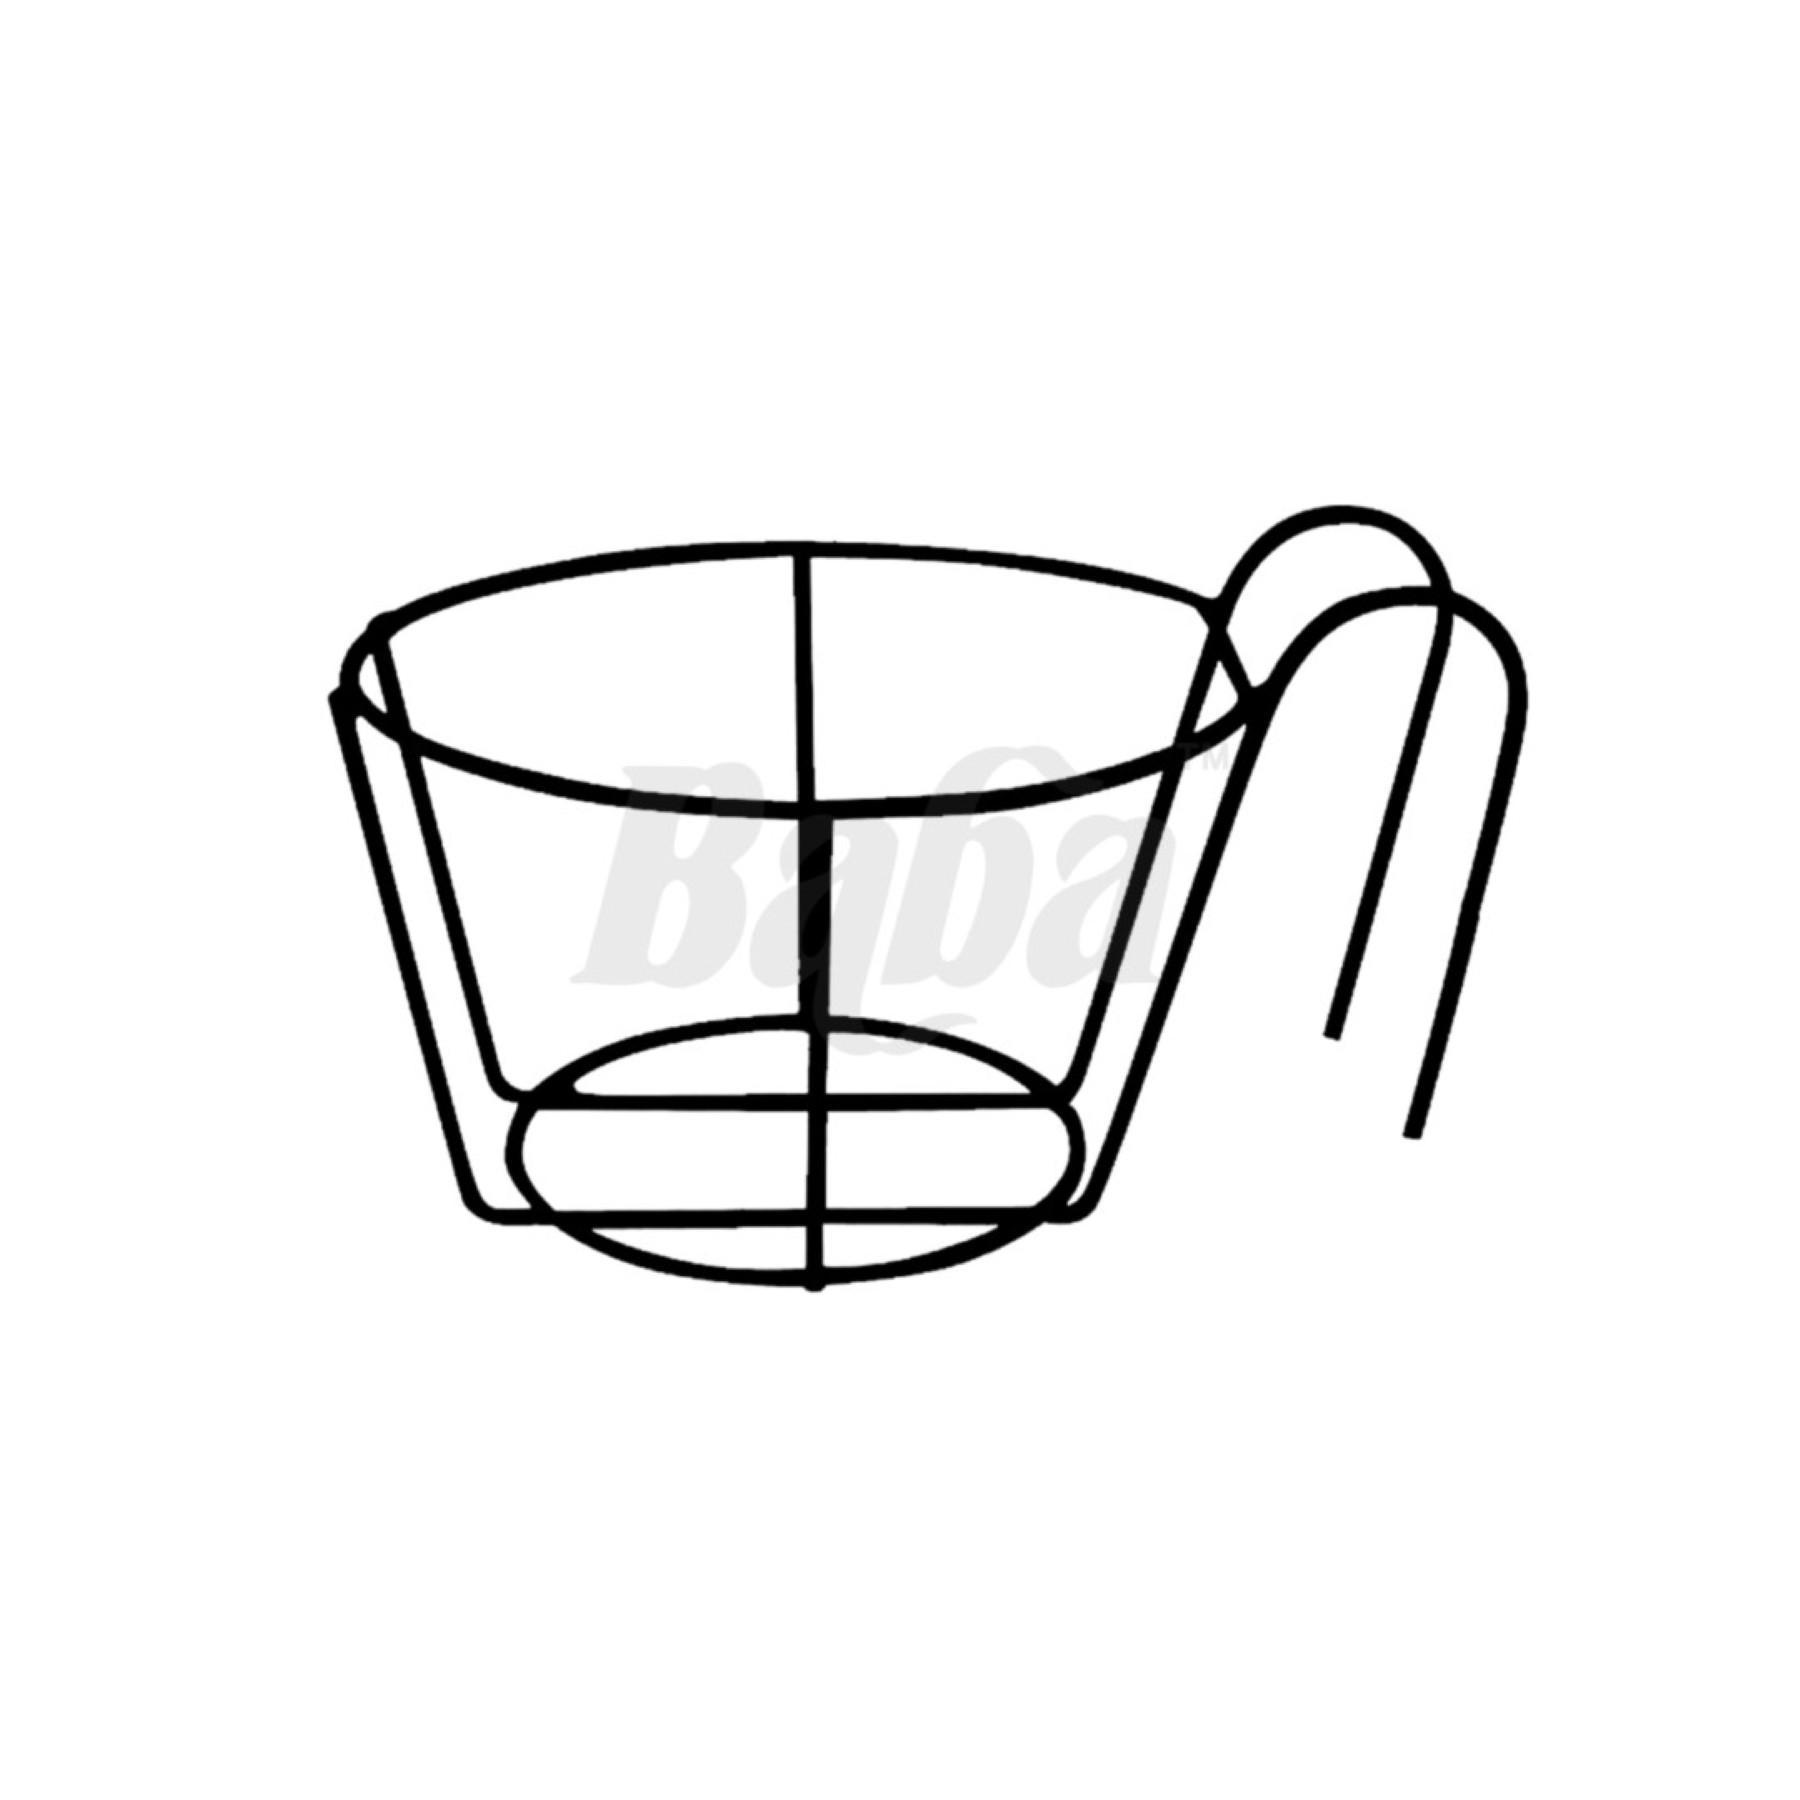 KHUNG SẮT TREO CHẬU HOA BABA WH-67-3 HÀNG NHẬP KHẨU MALAYSIA KHÔNG RỈ